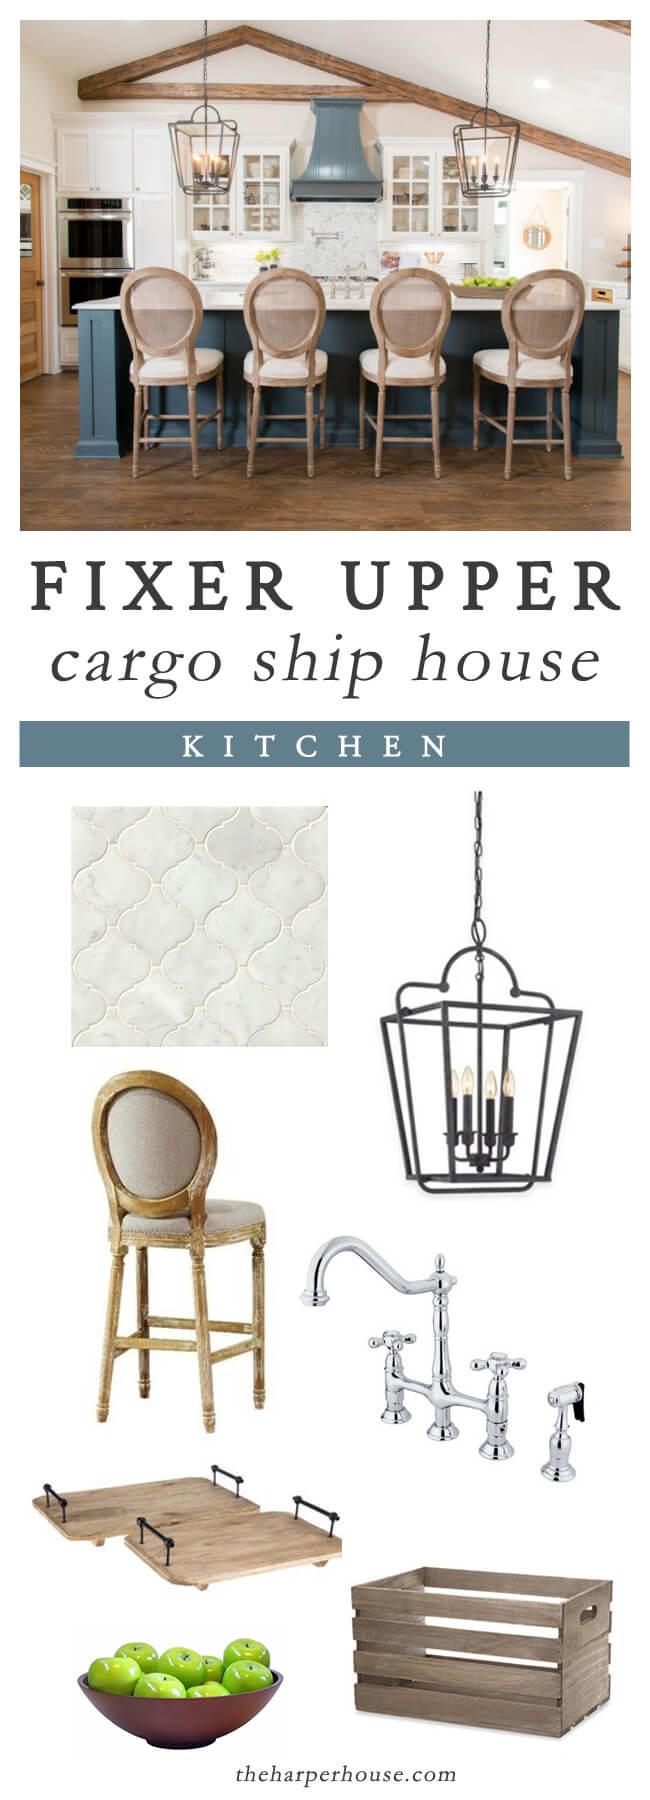 FIXER UPPER Season 4 Episode 1: Cargo Ship House